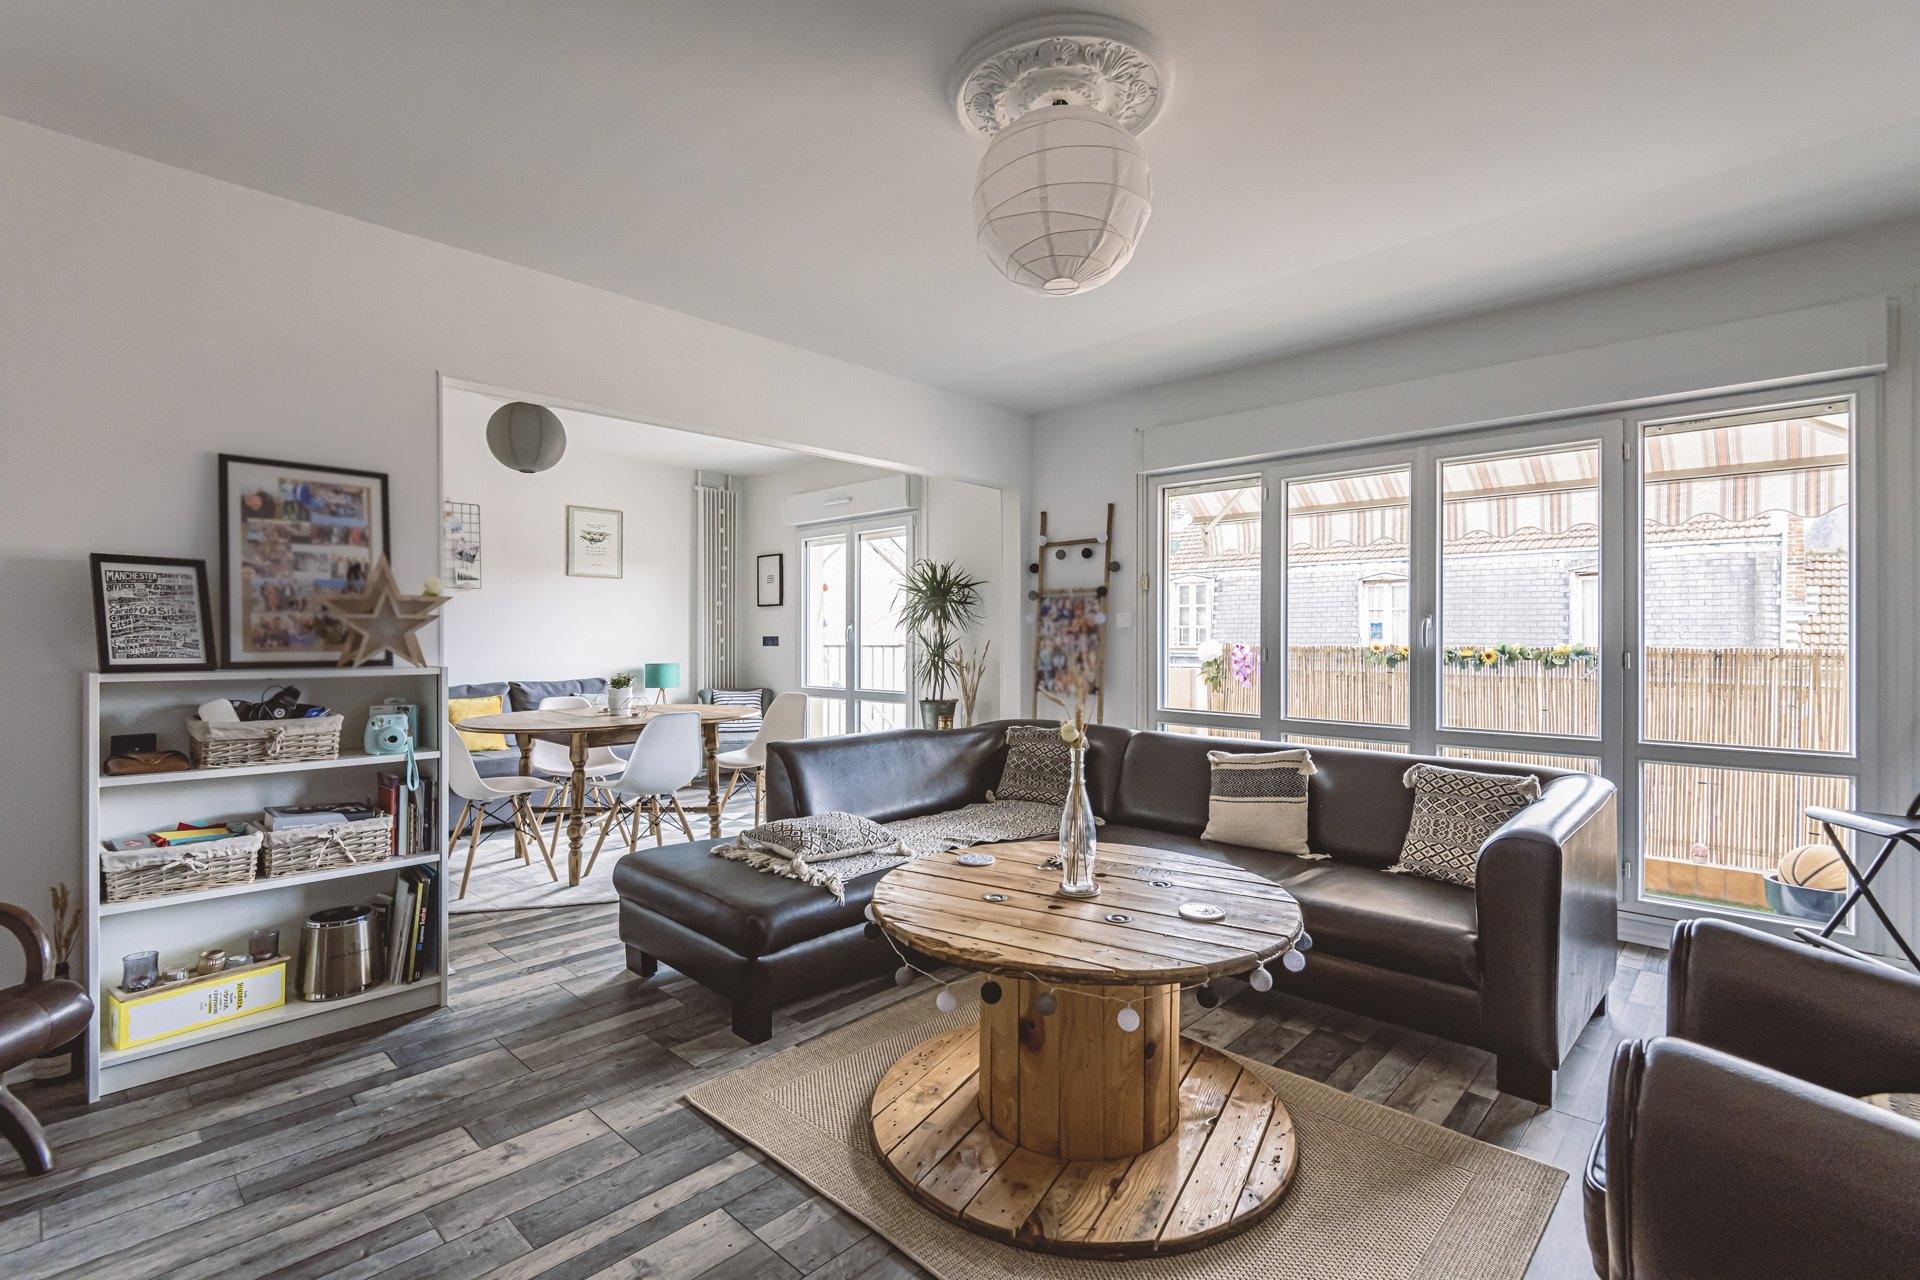 Appartement Reims 3 Pièces 68.3 m2 - Balcon - 3